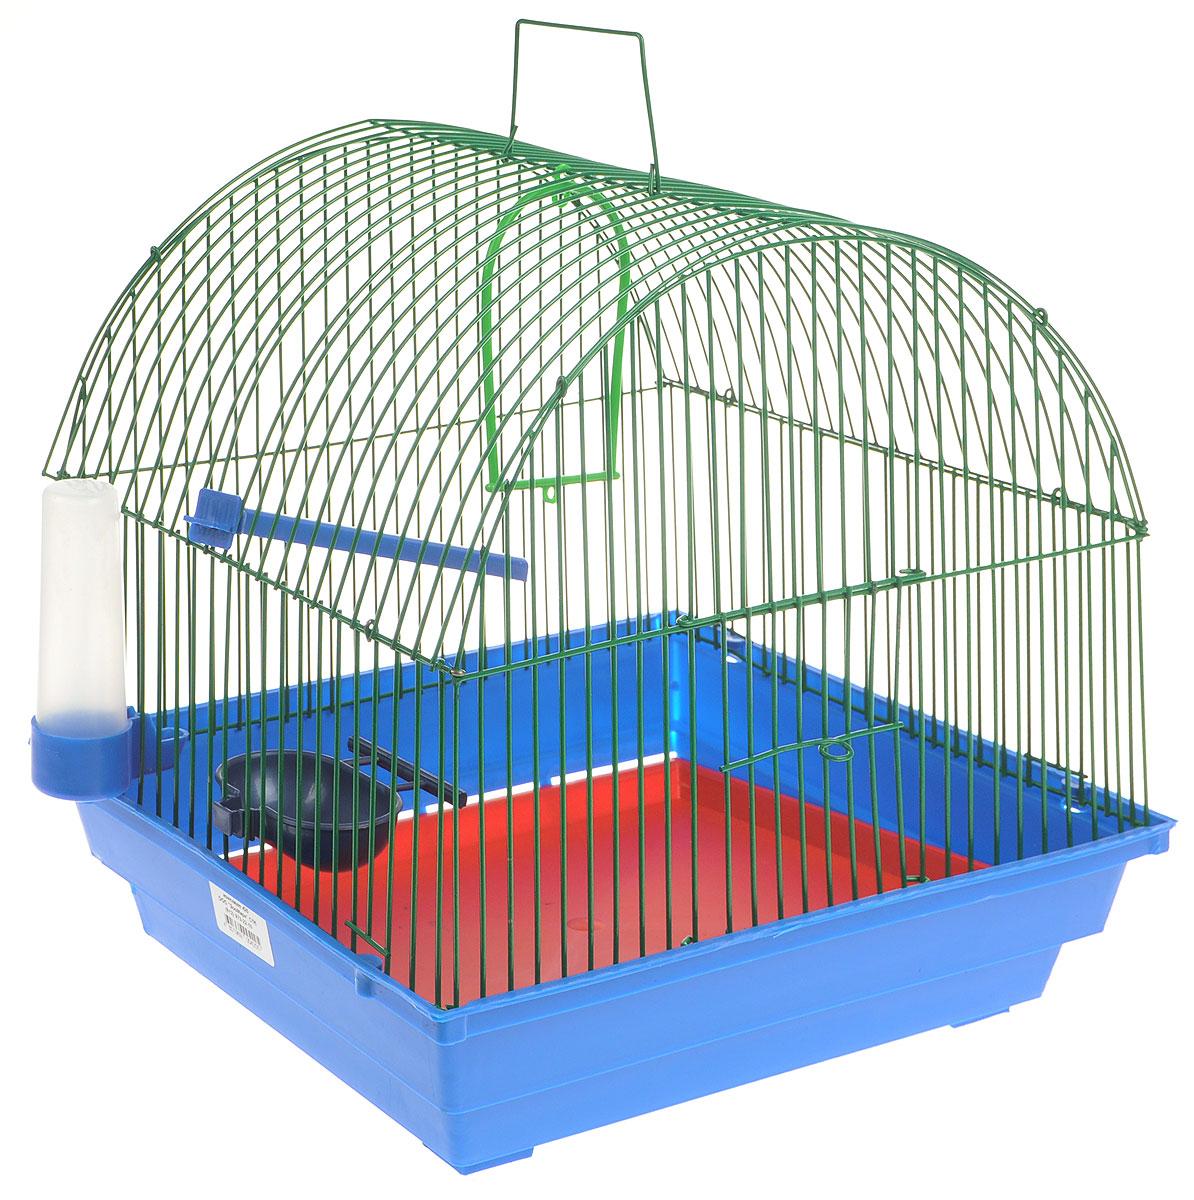 Клетка для птиц ЗооМарк, цвет: синий поддон, зеленая решетка, 35 х 28 х 34 см0120710Клетка ЗооМарк, выполненная из полипропилена и металла с эмалированным покрытием, предназначена для мелких птиц.Изделие состоит из большого поддона и решетки. Клетка снабжена металлической дверцей. В основании клетки находится малый поддон. Клетка удобна в использовании и легко чистится. Она оснащена жердочкой, кольцом для птицы, поилкой, кормушкой и подвижной ручкой для удобной переноски. Комплектация: - клетка с поддоном, - малый поддон; - поилка; - кормушка;- кольцо.